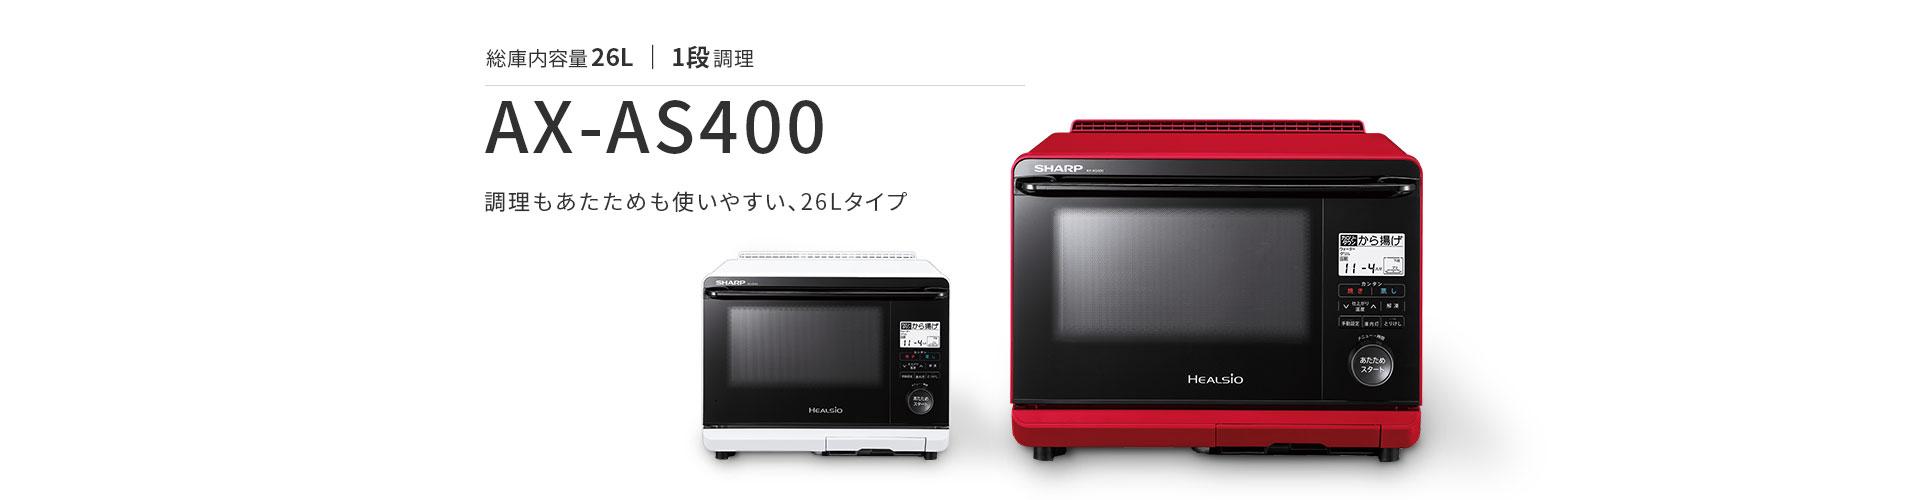 調理もあたためも使いやすい、26Lタイプ ウォーターオーブン ヘルシオ AX-AS400。